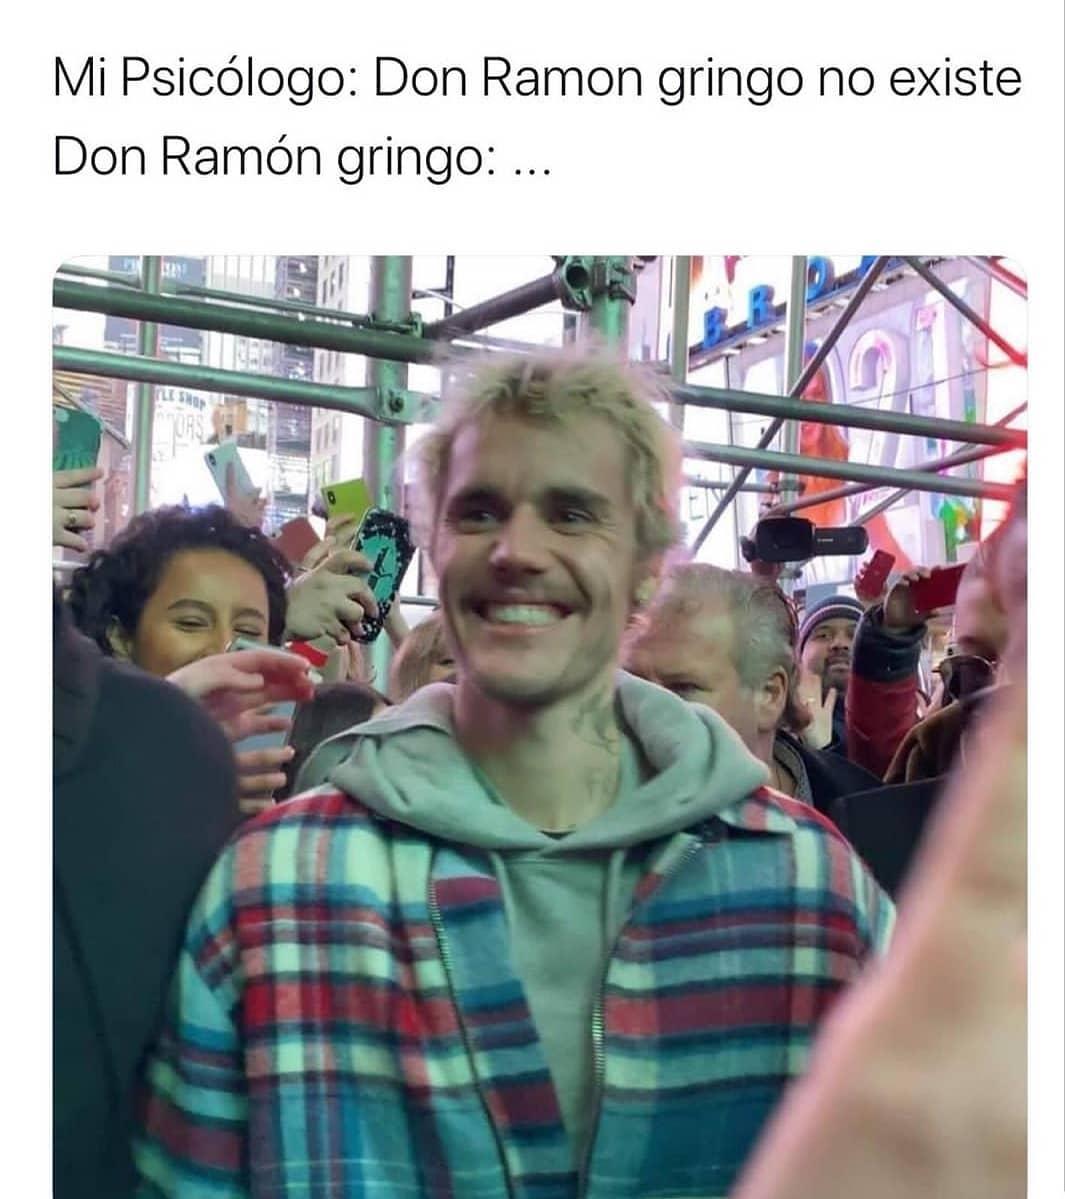 Mi Psicólogo: Don Ramon gringo no existe. Don Ramón gringo.